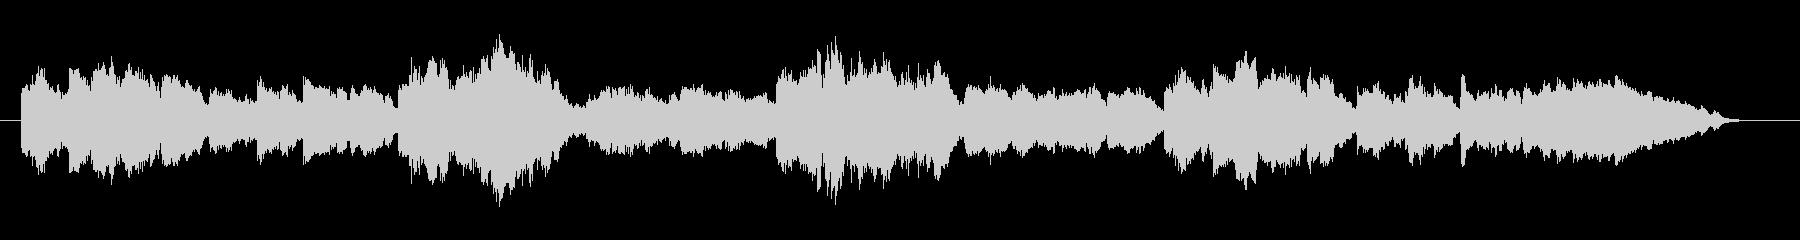 甘え声でおねだりするチェロの響きの未再生の波形